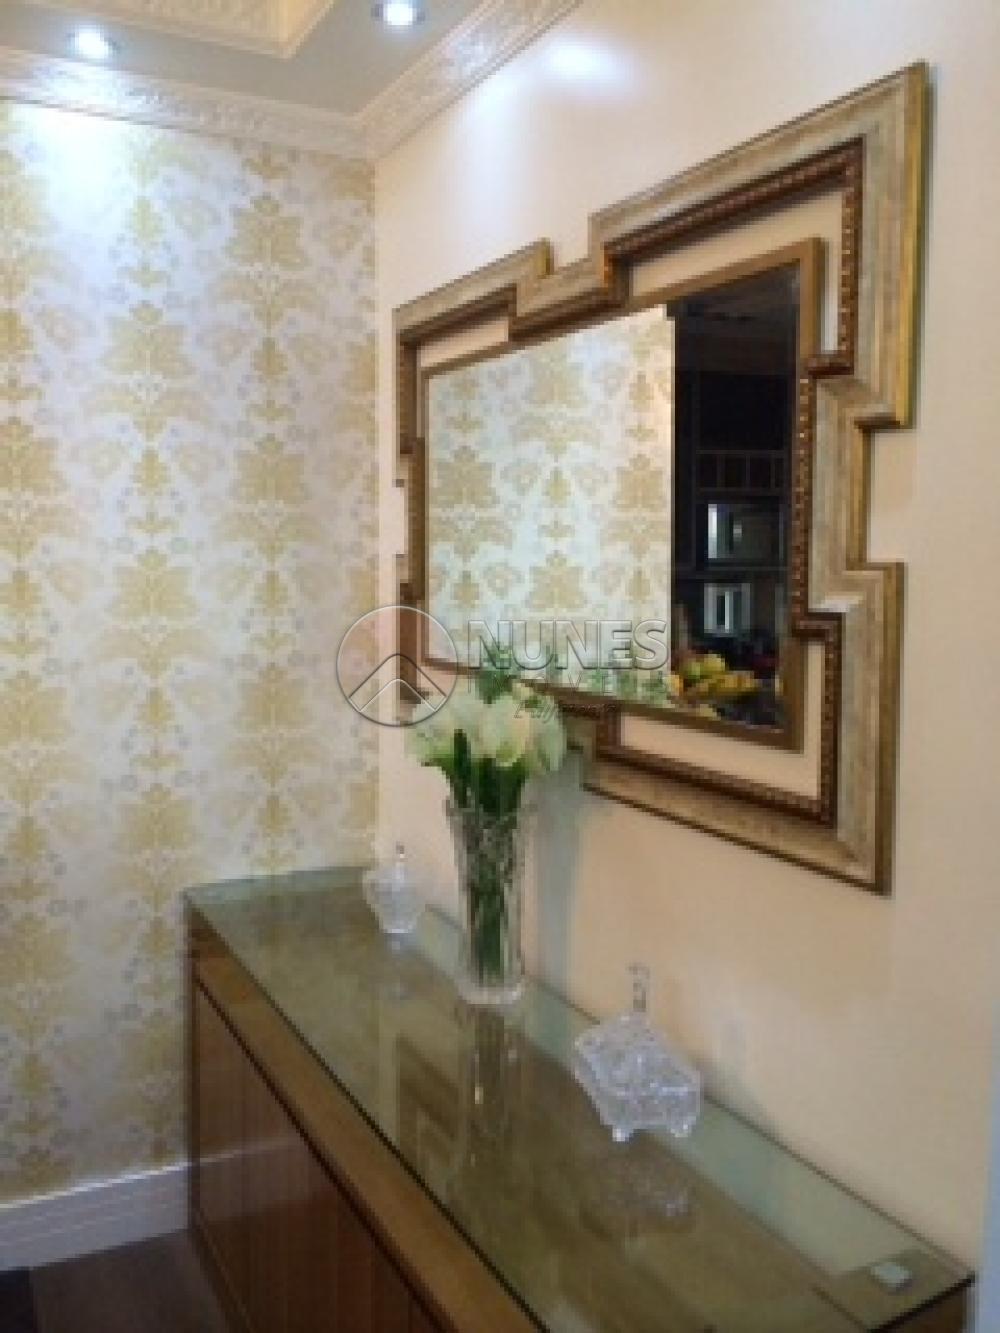 Apartamento Padrao de 3 dormitórios à venda em Jardim Iracema, Barueri - SP